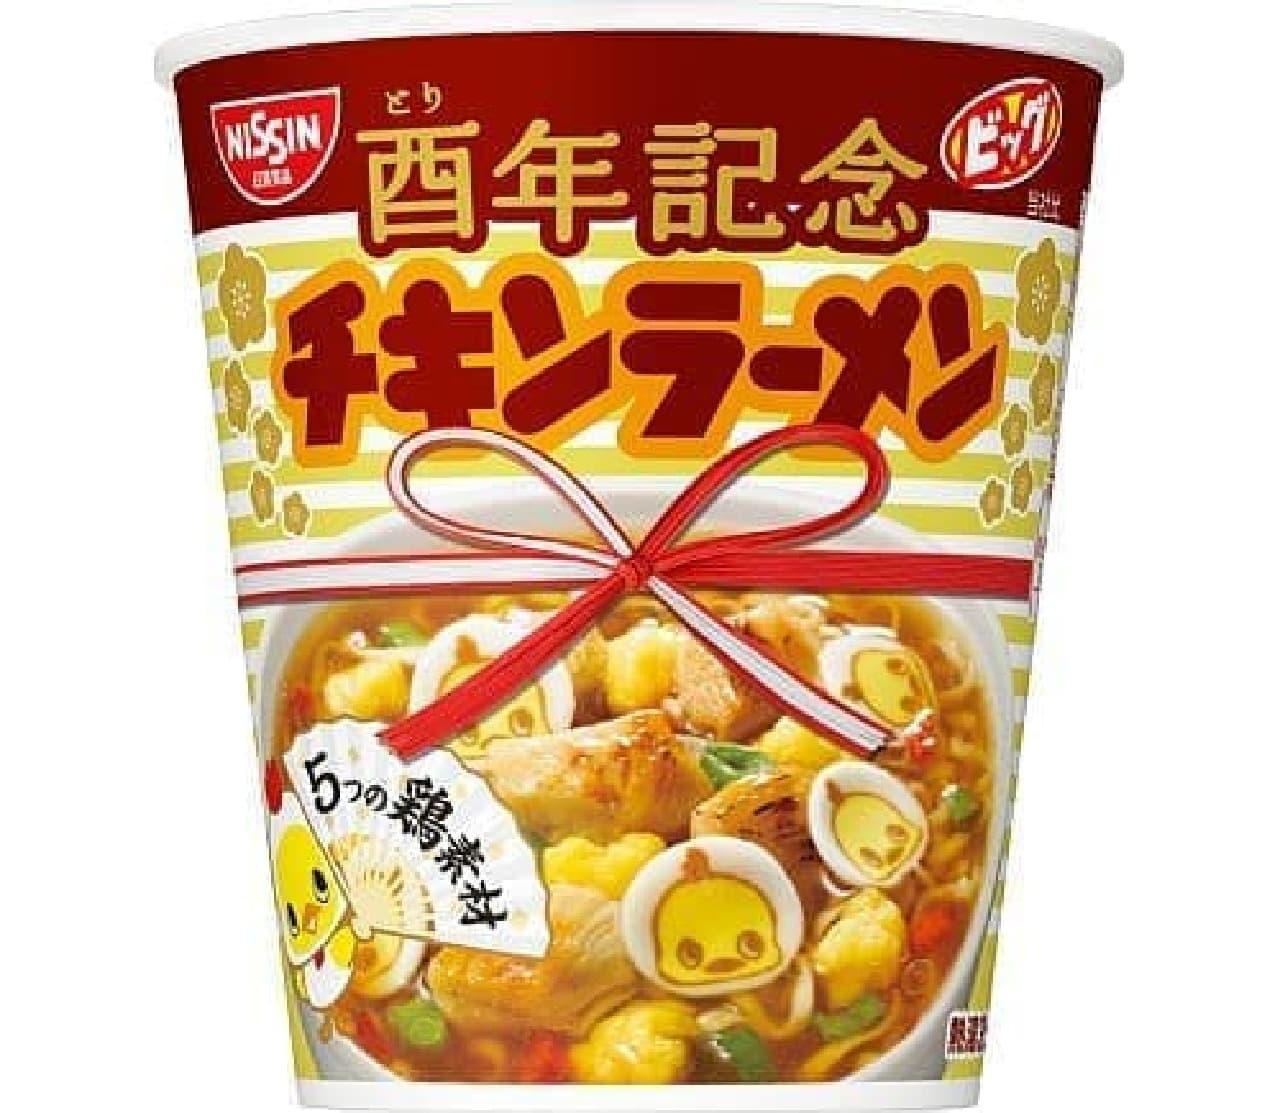 日清食品「チキンラーメン 酉年記念 ビッグカップ 5つの鶏素材」